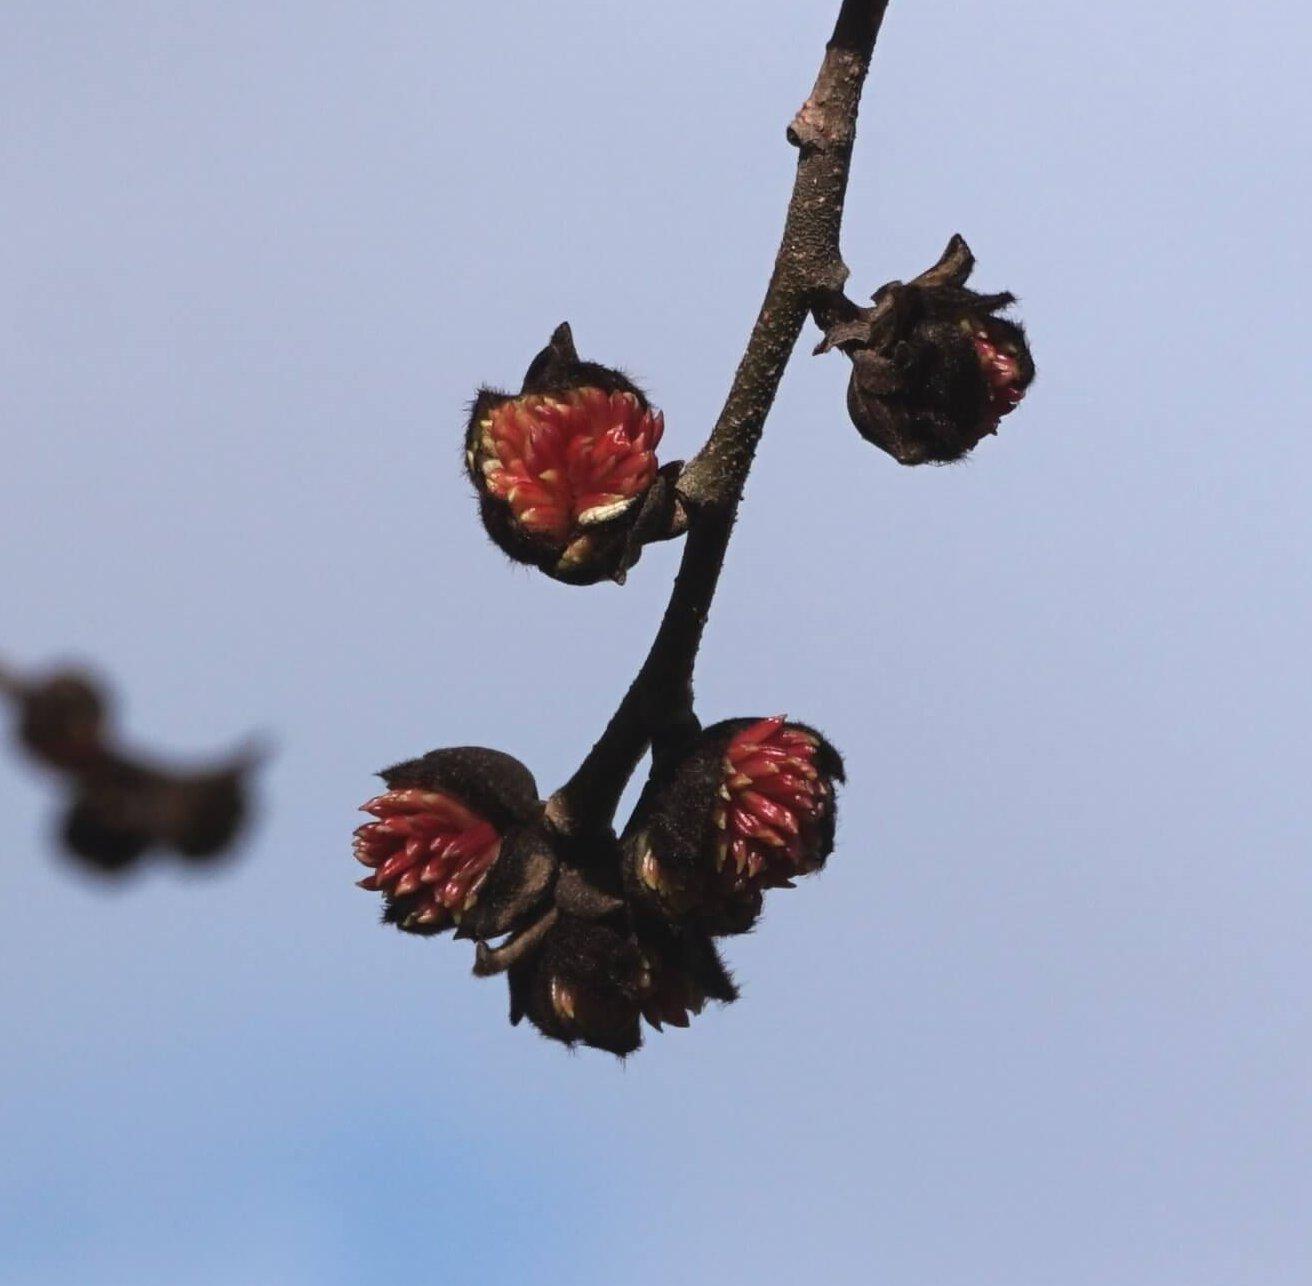 Das Bild zeigt die Blüten der Parrotie, hier an einem Baum im Kosmosviertel Ende Januar 2021. Sie sind an ihren roten Staubblättern, die dicht aus ihnen herausragen, und an ihren samtig-dunkelbraunen Hochblättern erkennbar.